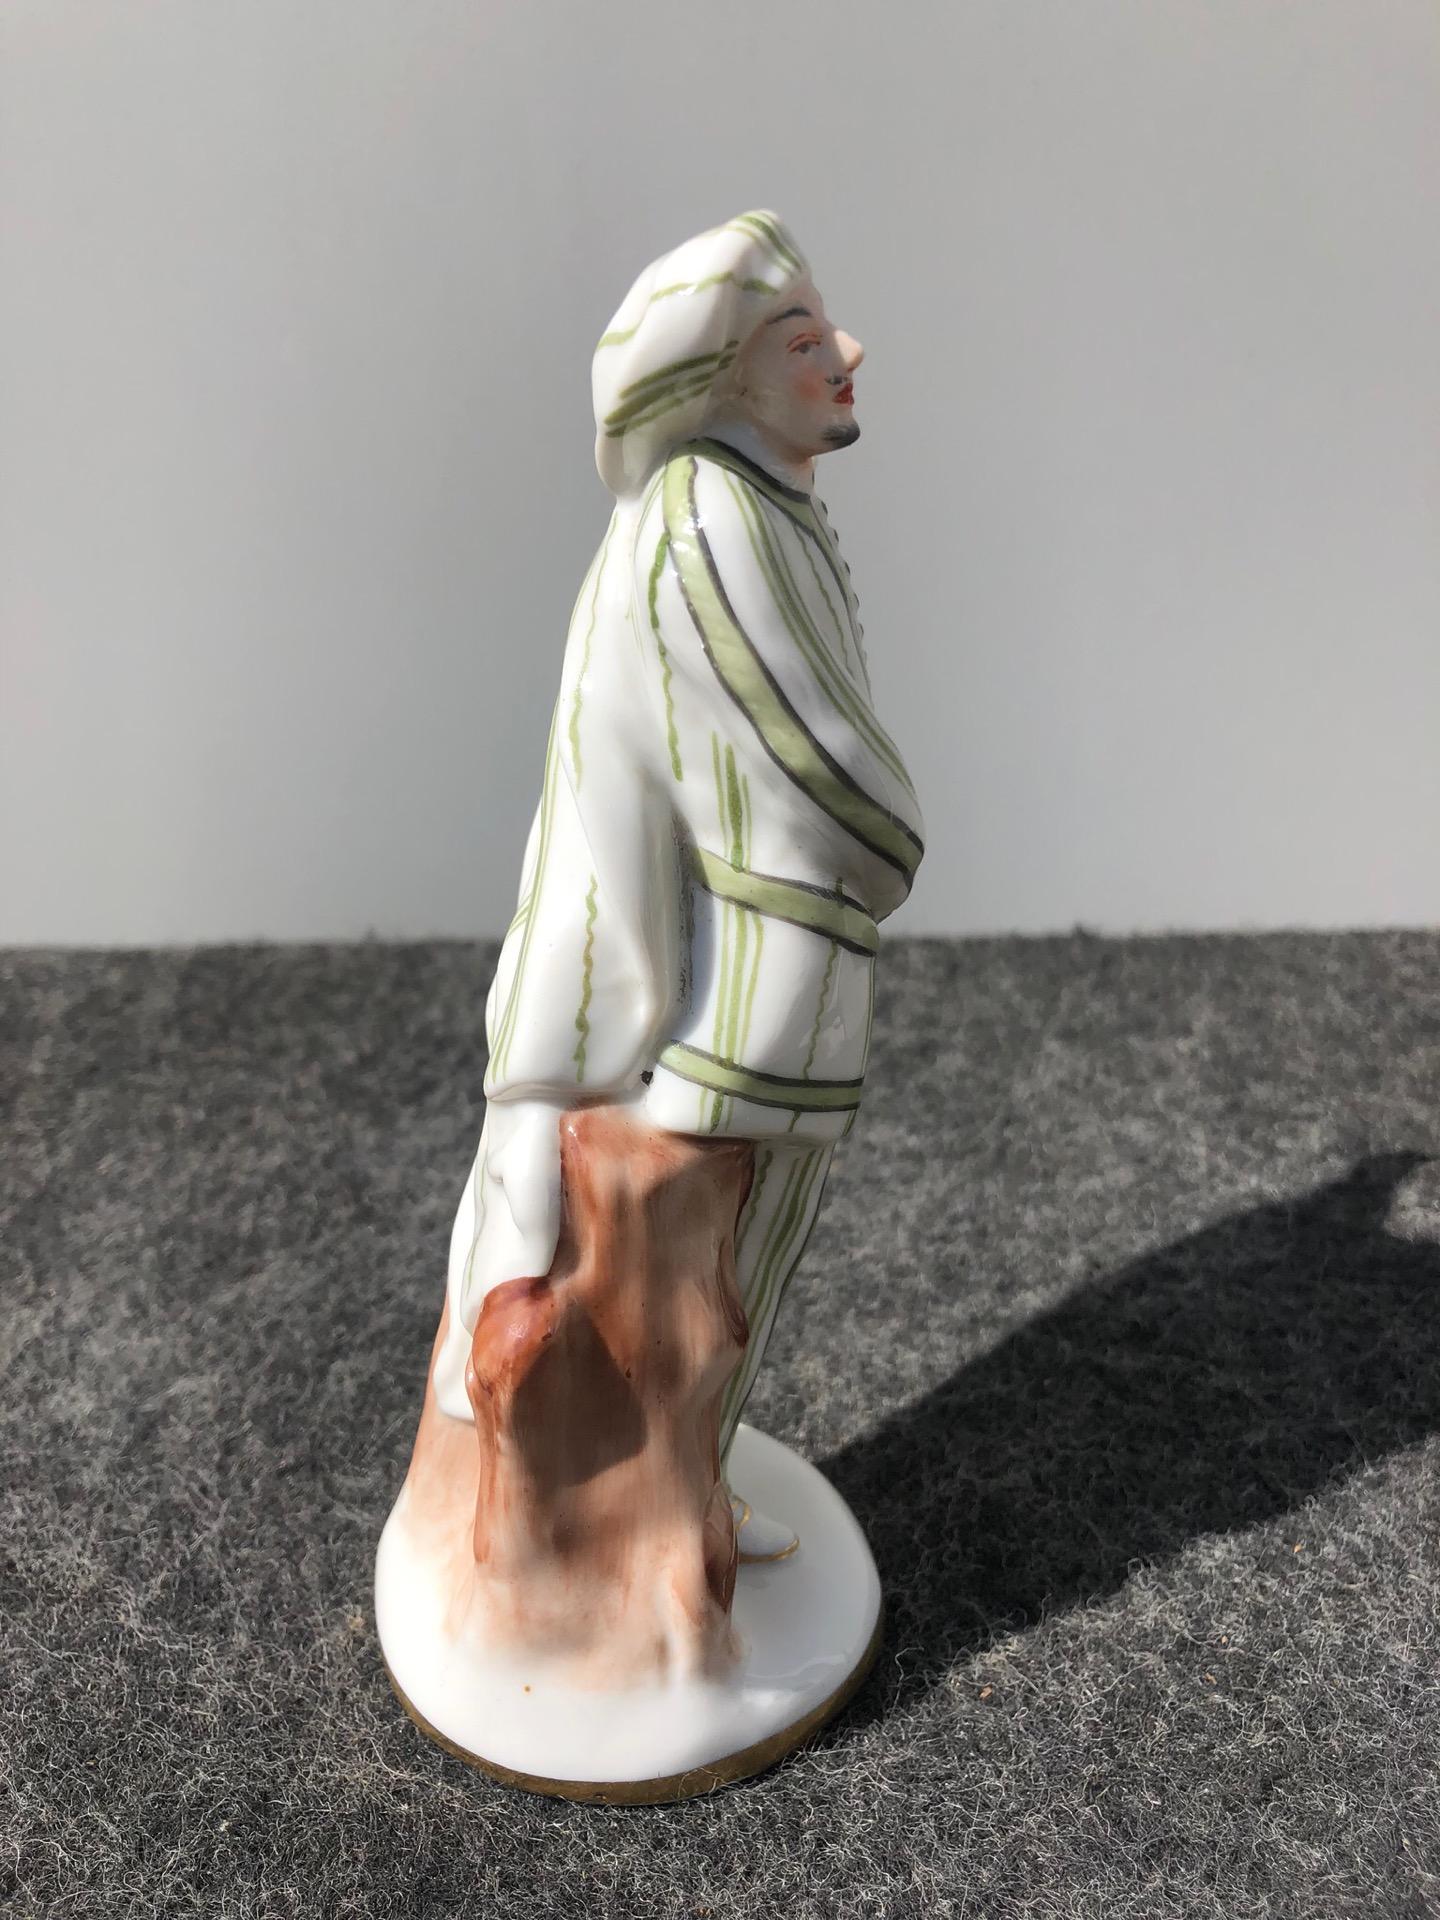 thumb4 Statuina in porcellana con figura maschile.Ginori